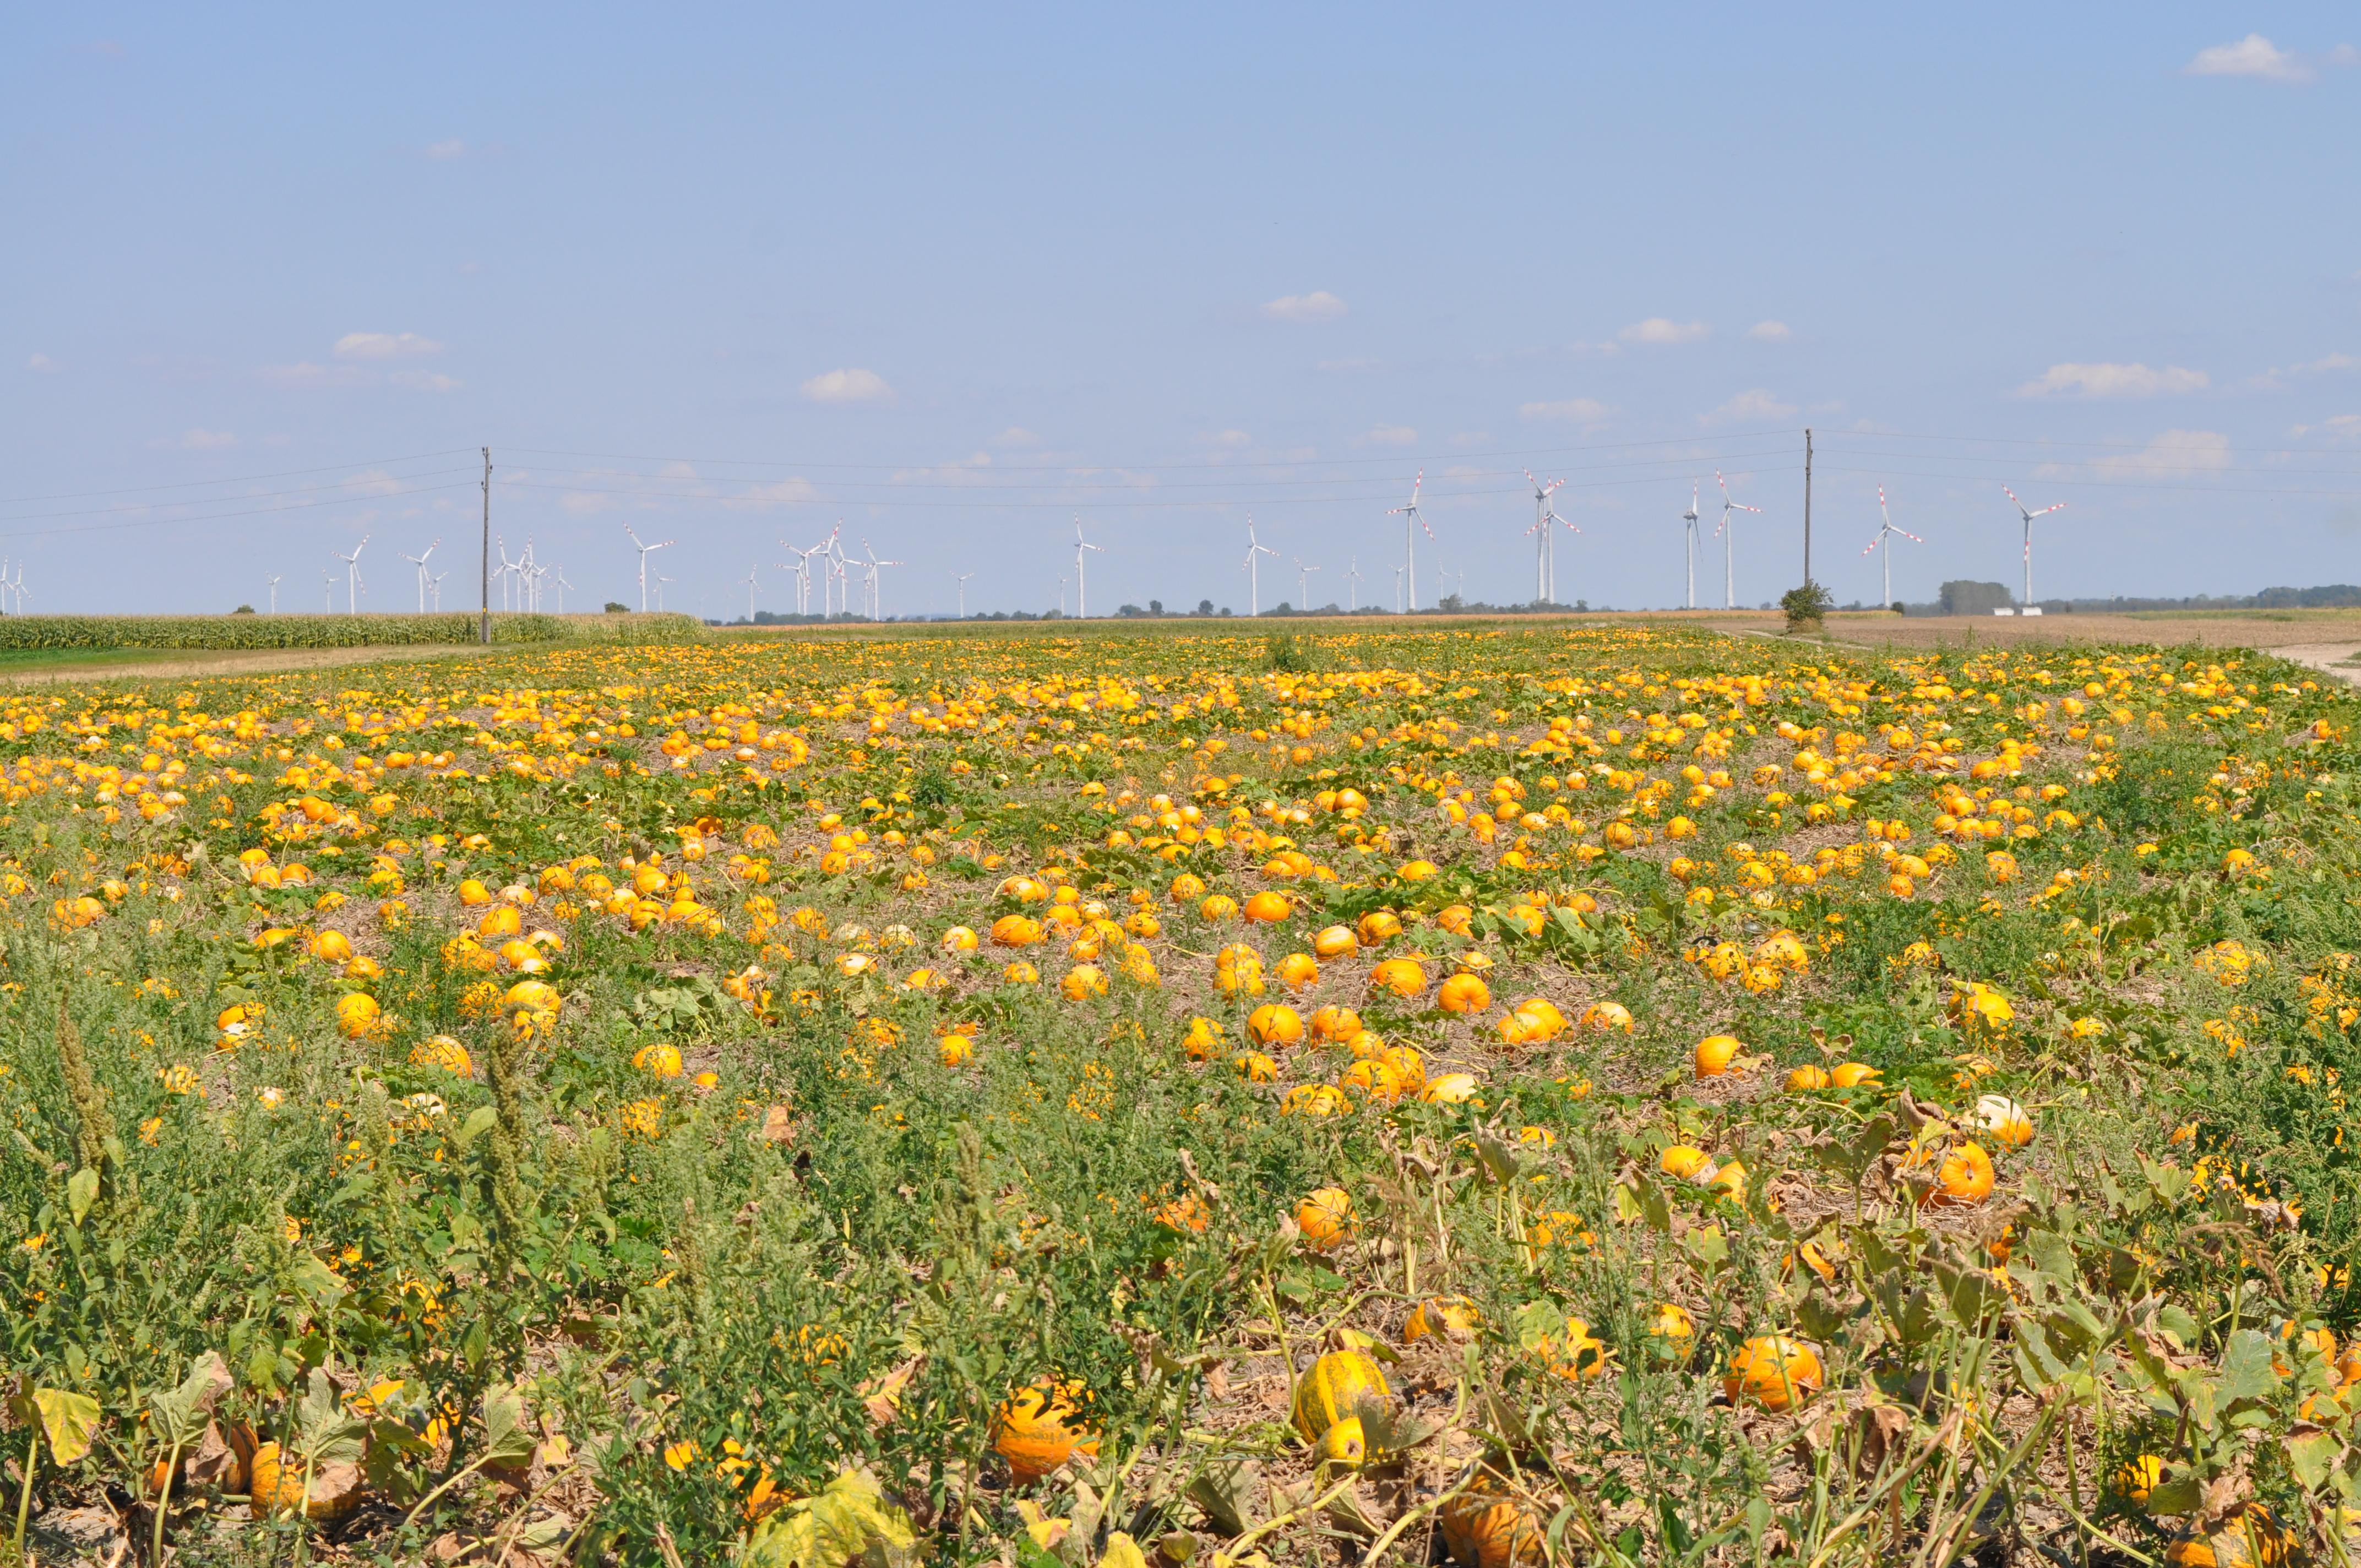 Saatgutvermehrung der Ölkürbisse im Marchfeld